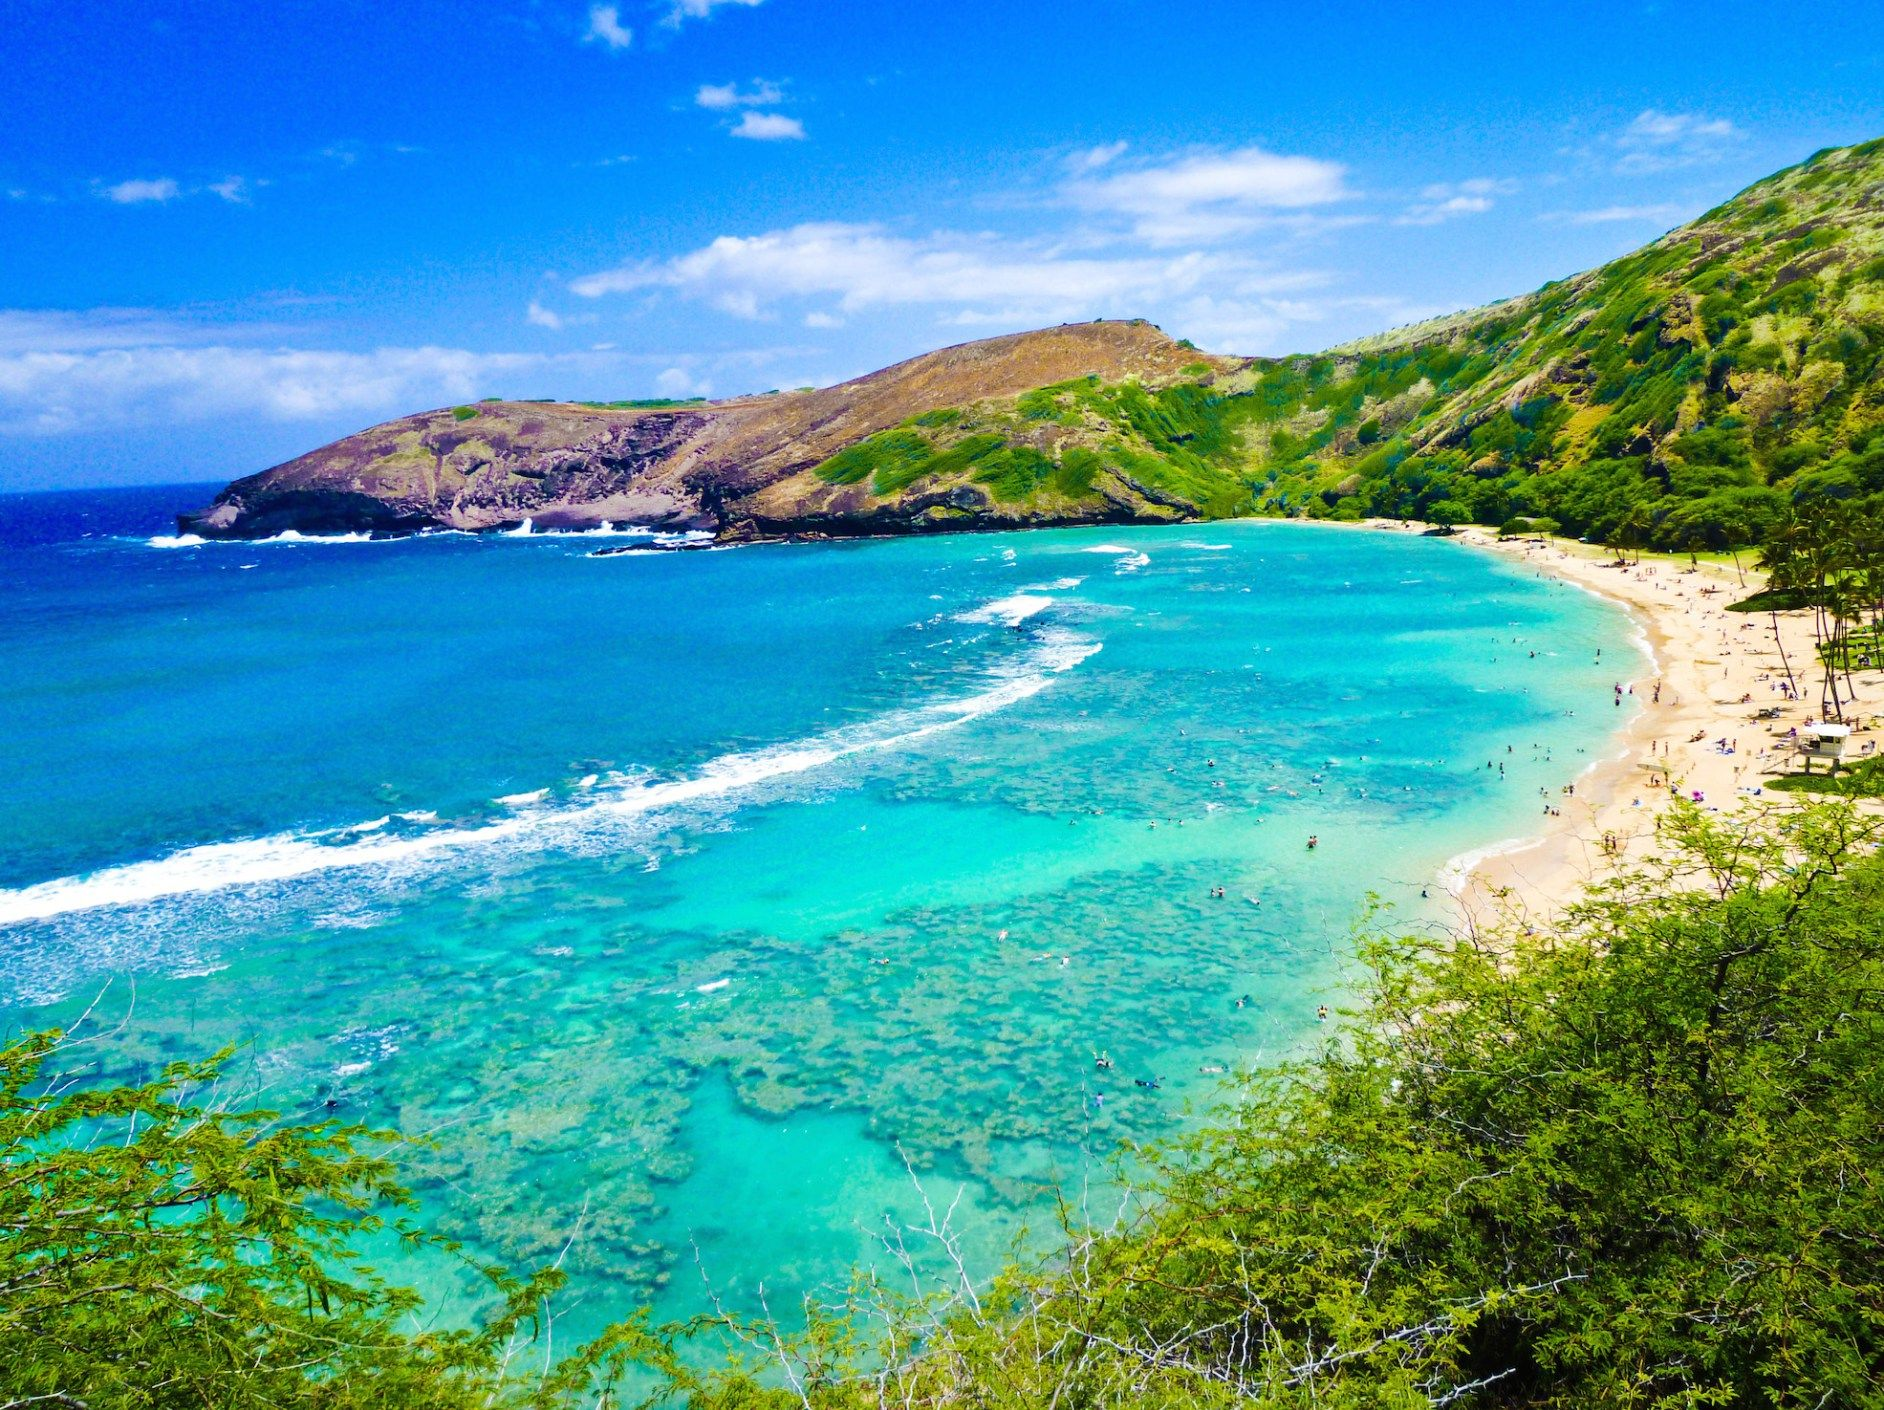 Happy New Year Hawaii Best Hawaii Blog Posts Of 2014 Best Hawaiian Island Trip To Maui Hawaii Travel